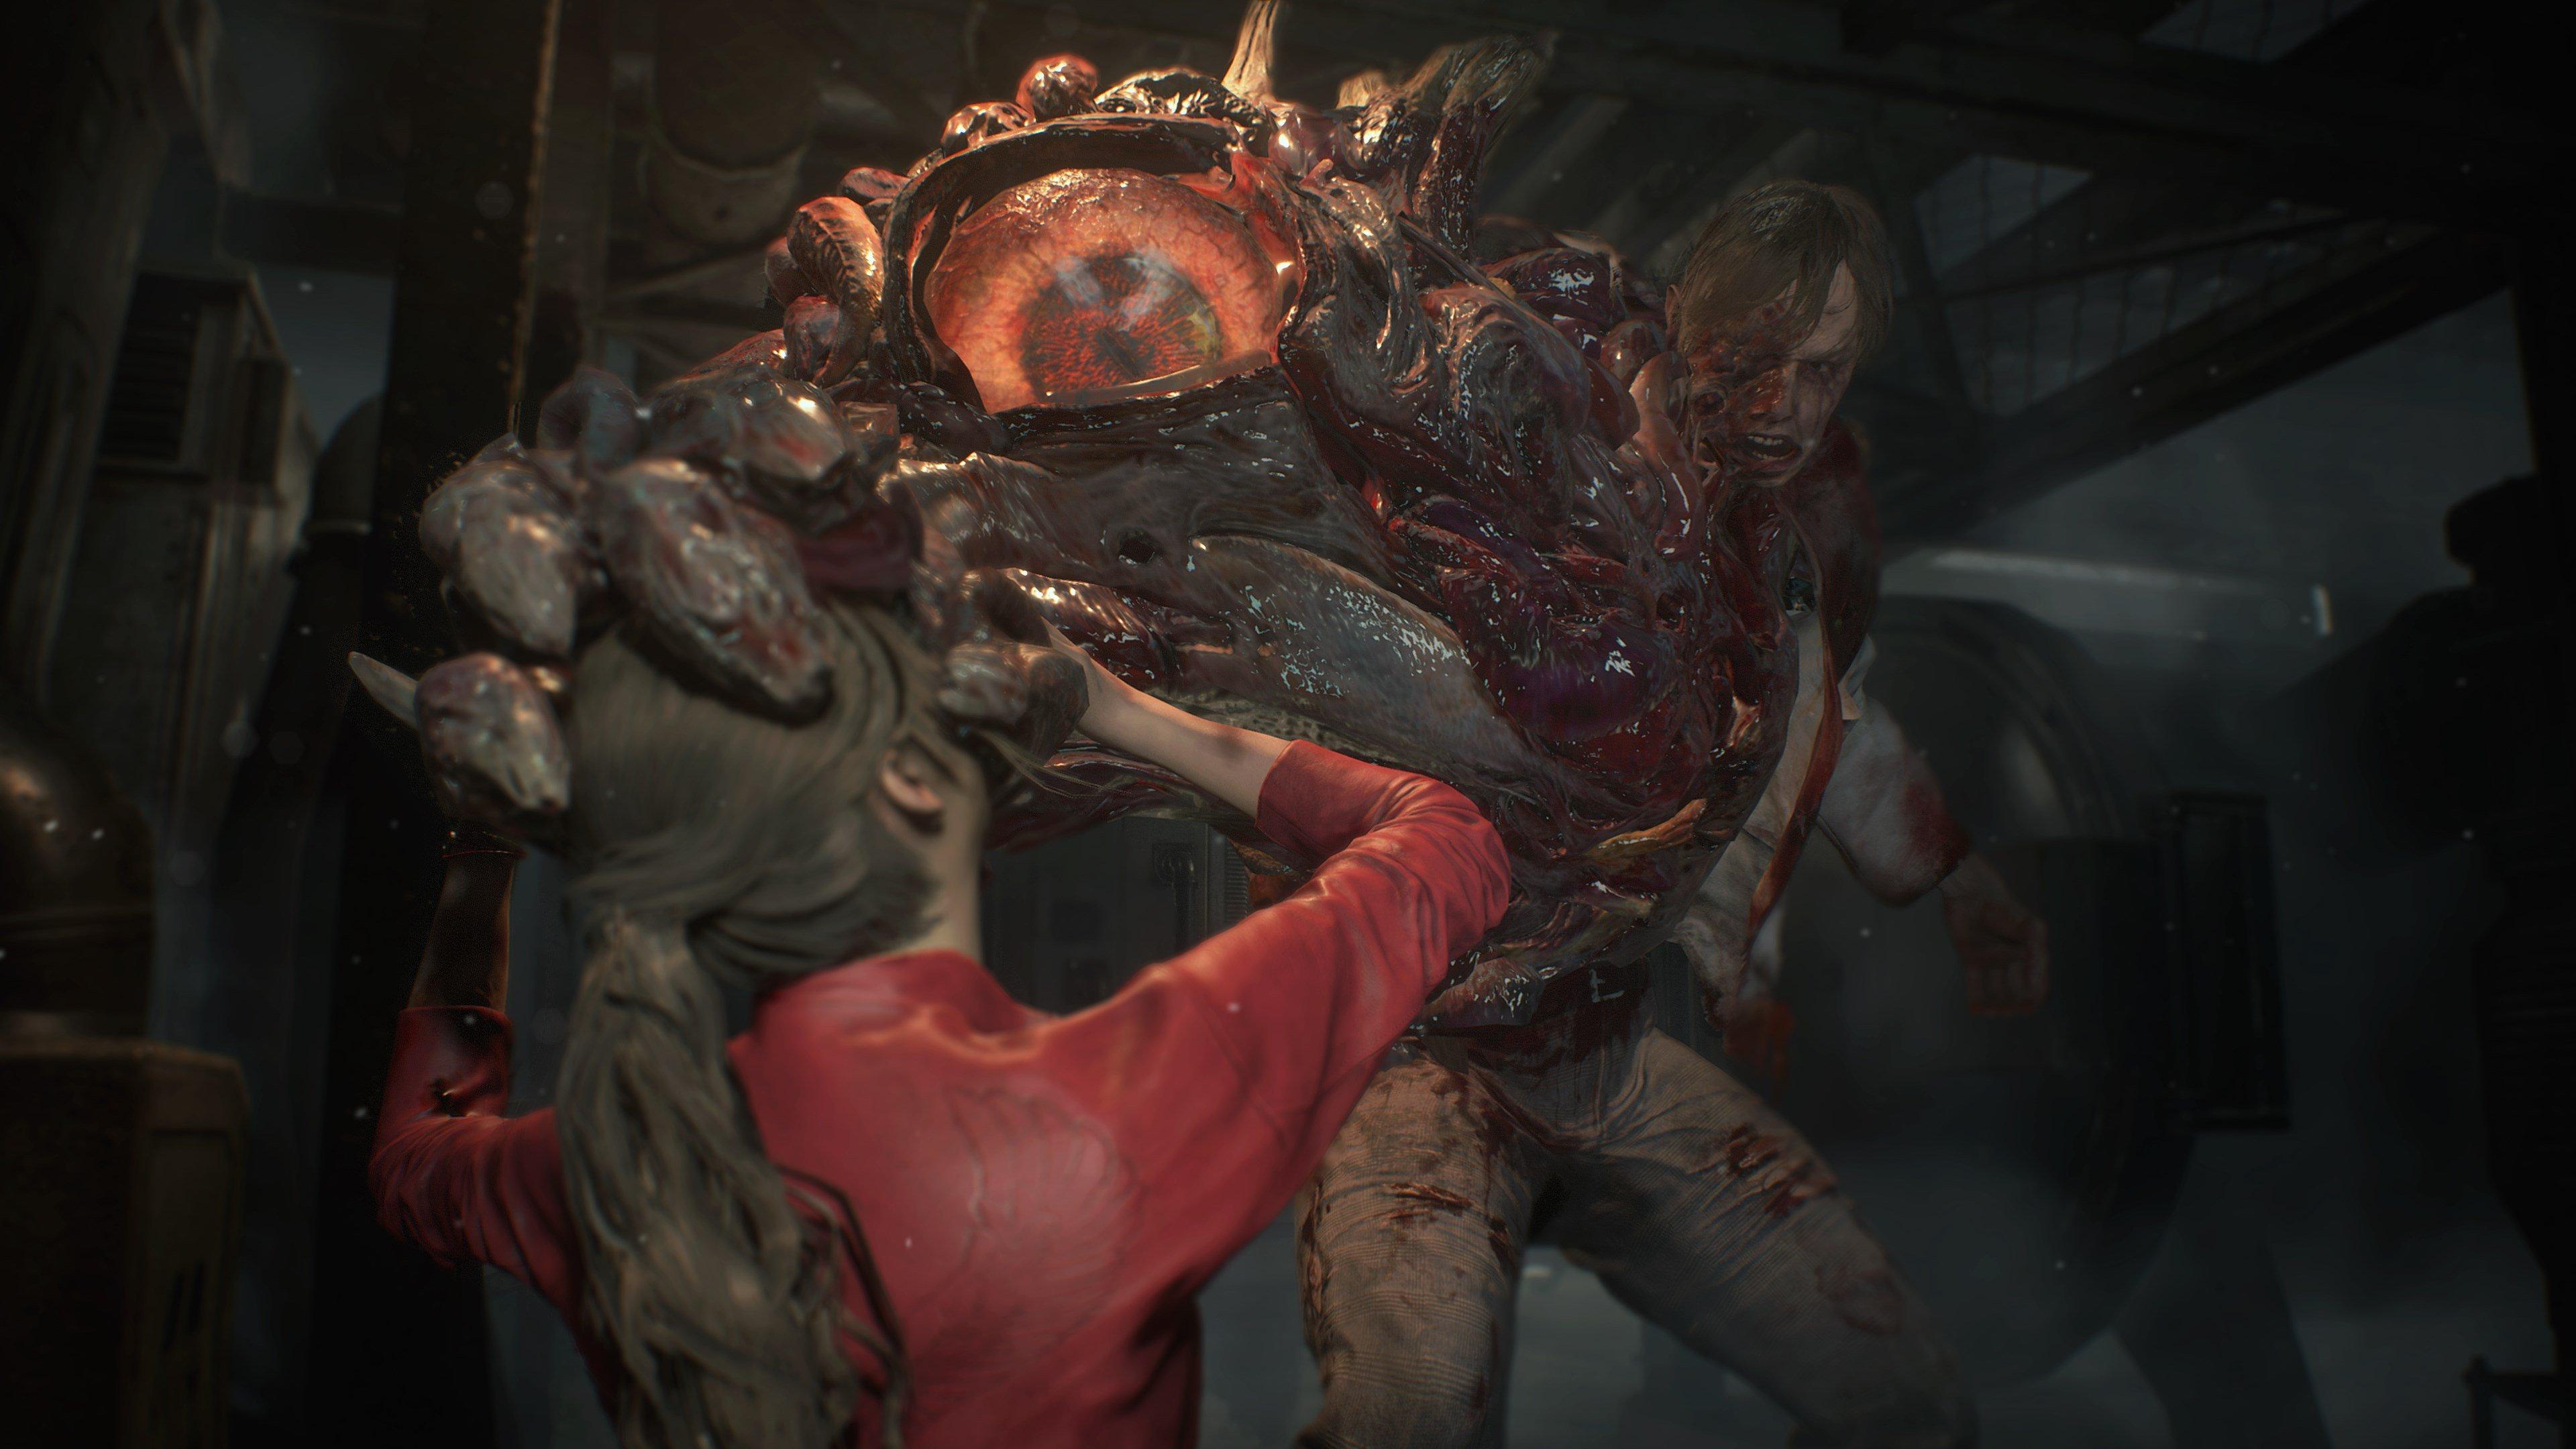 Jogamos! DEMO de Resident Evil 2 com Claire une ação e emoção 2